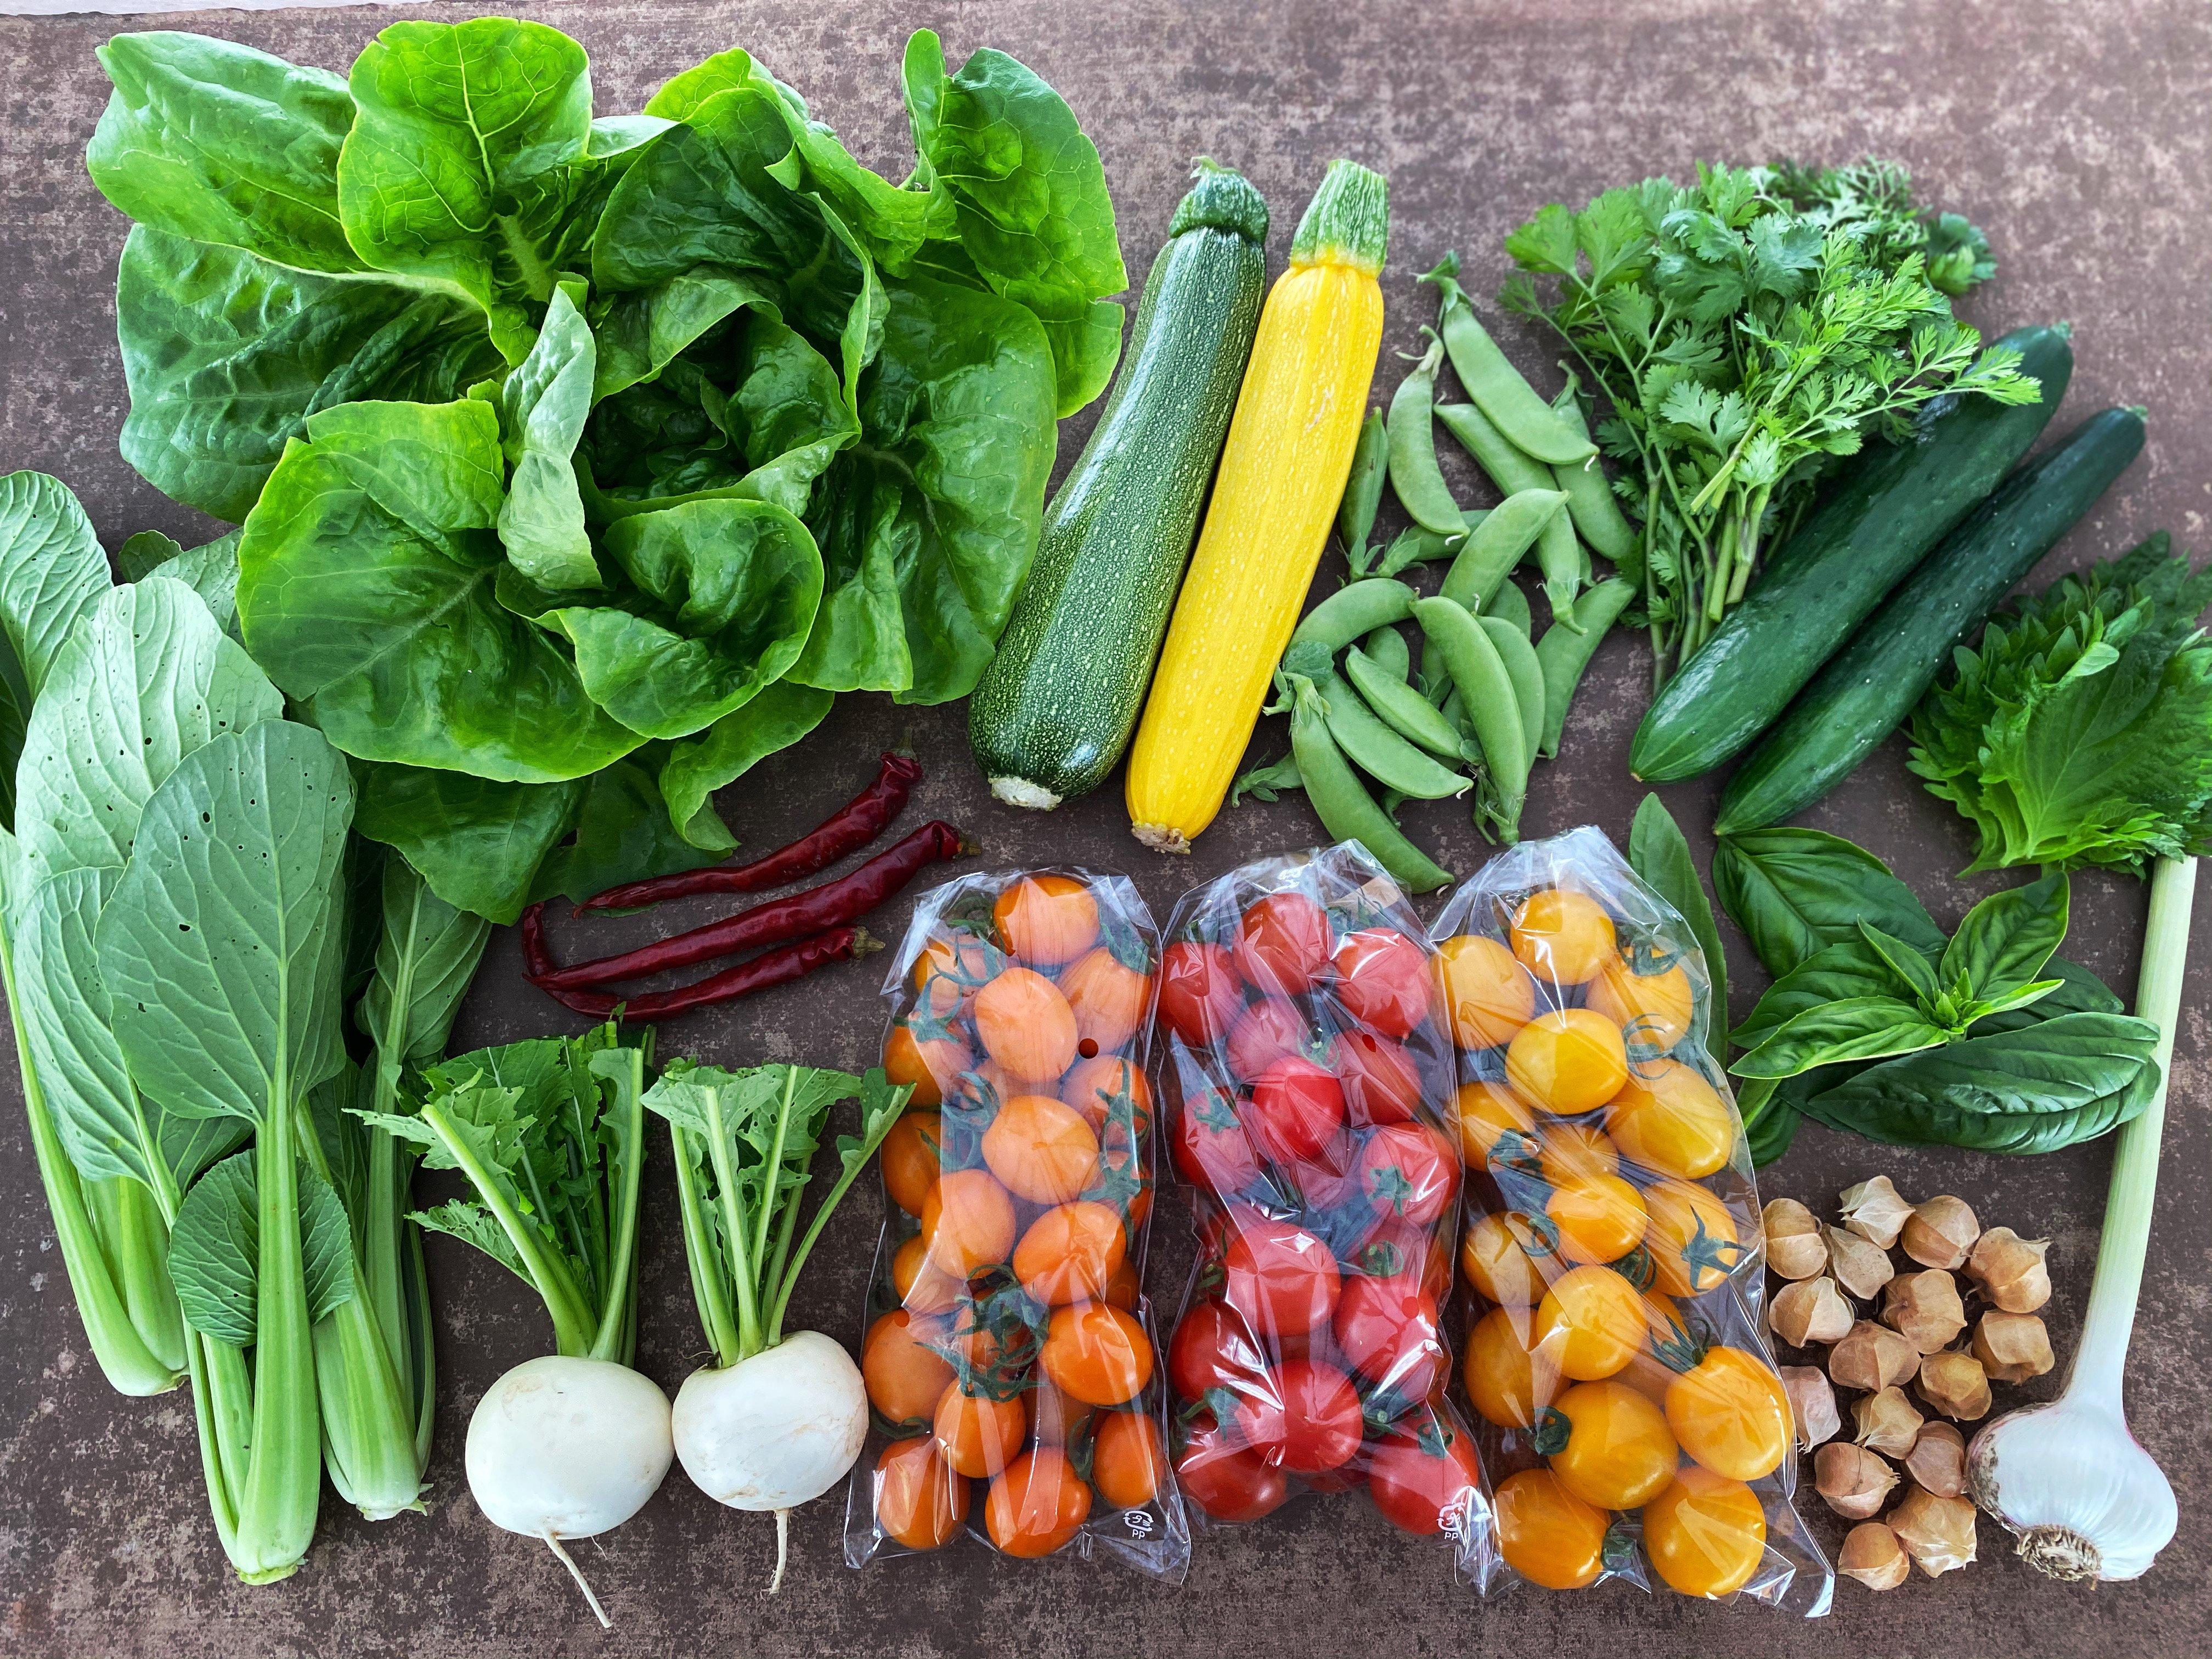 LaLaLa会員限定「野菜BOX定期便 Cプラン」のイメージその2